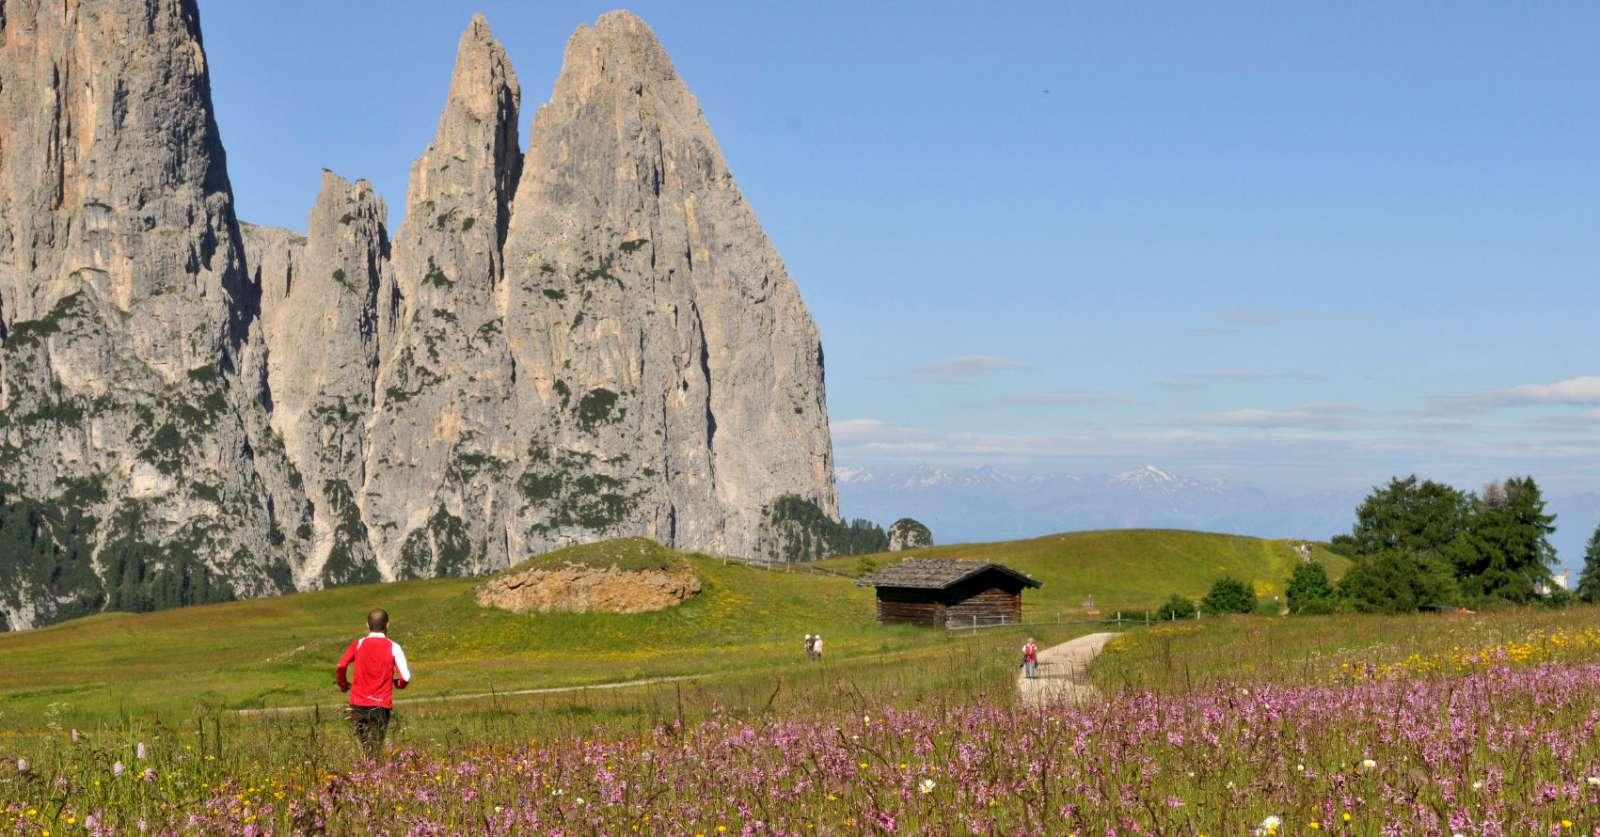 Stejle bjerge og frodige enge i skøn harmoni